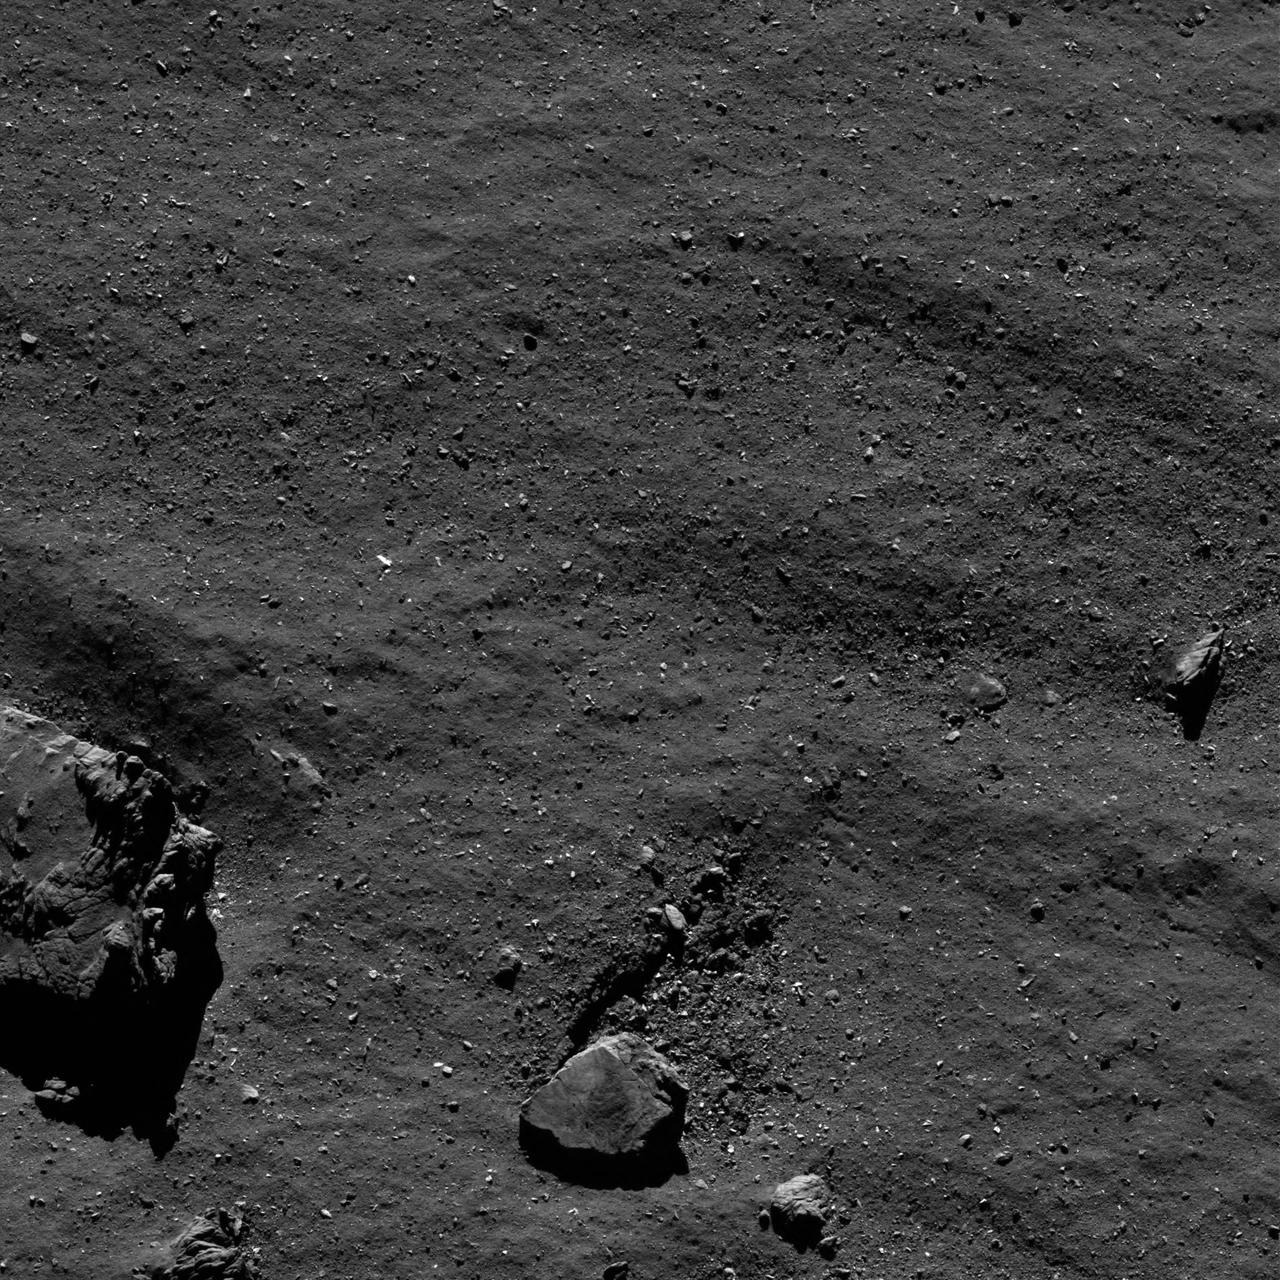 1567213883978-Rosetta_OSIRIS_NAC_20160917T211747_ID20F22_1280.jpg